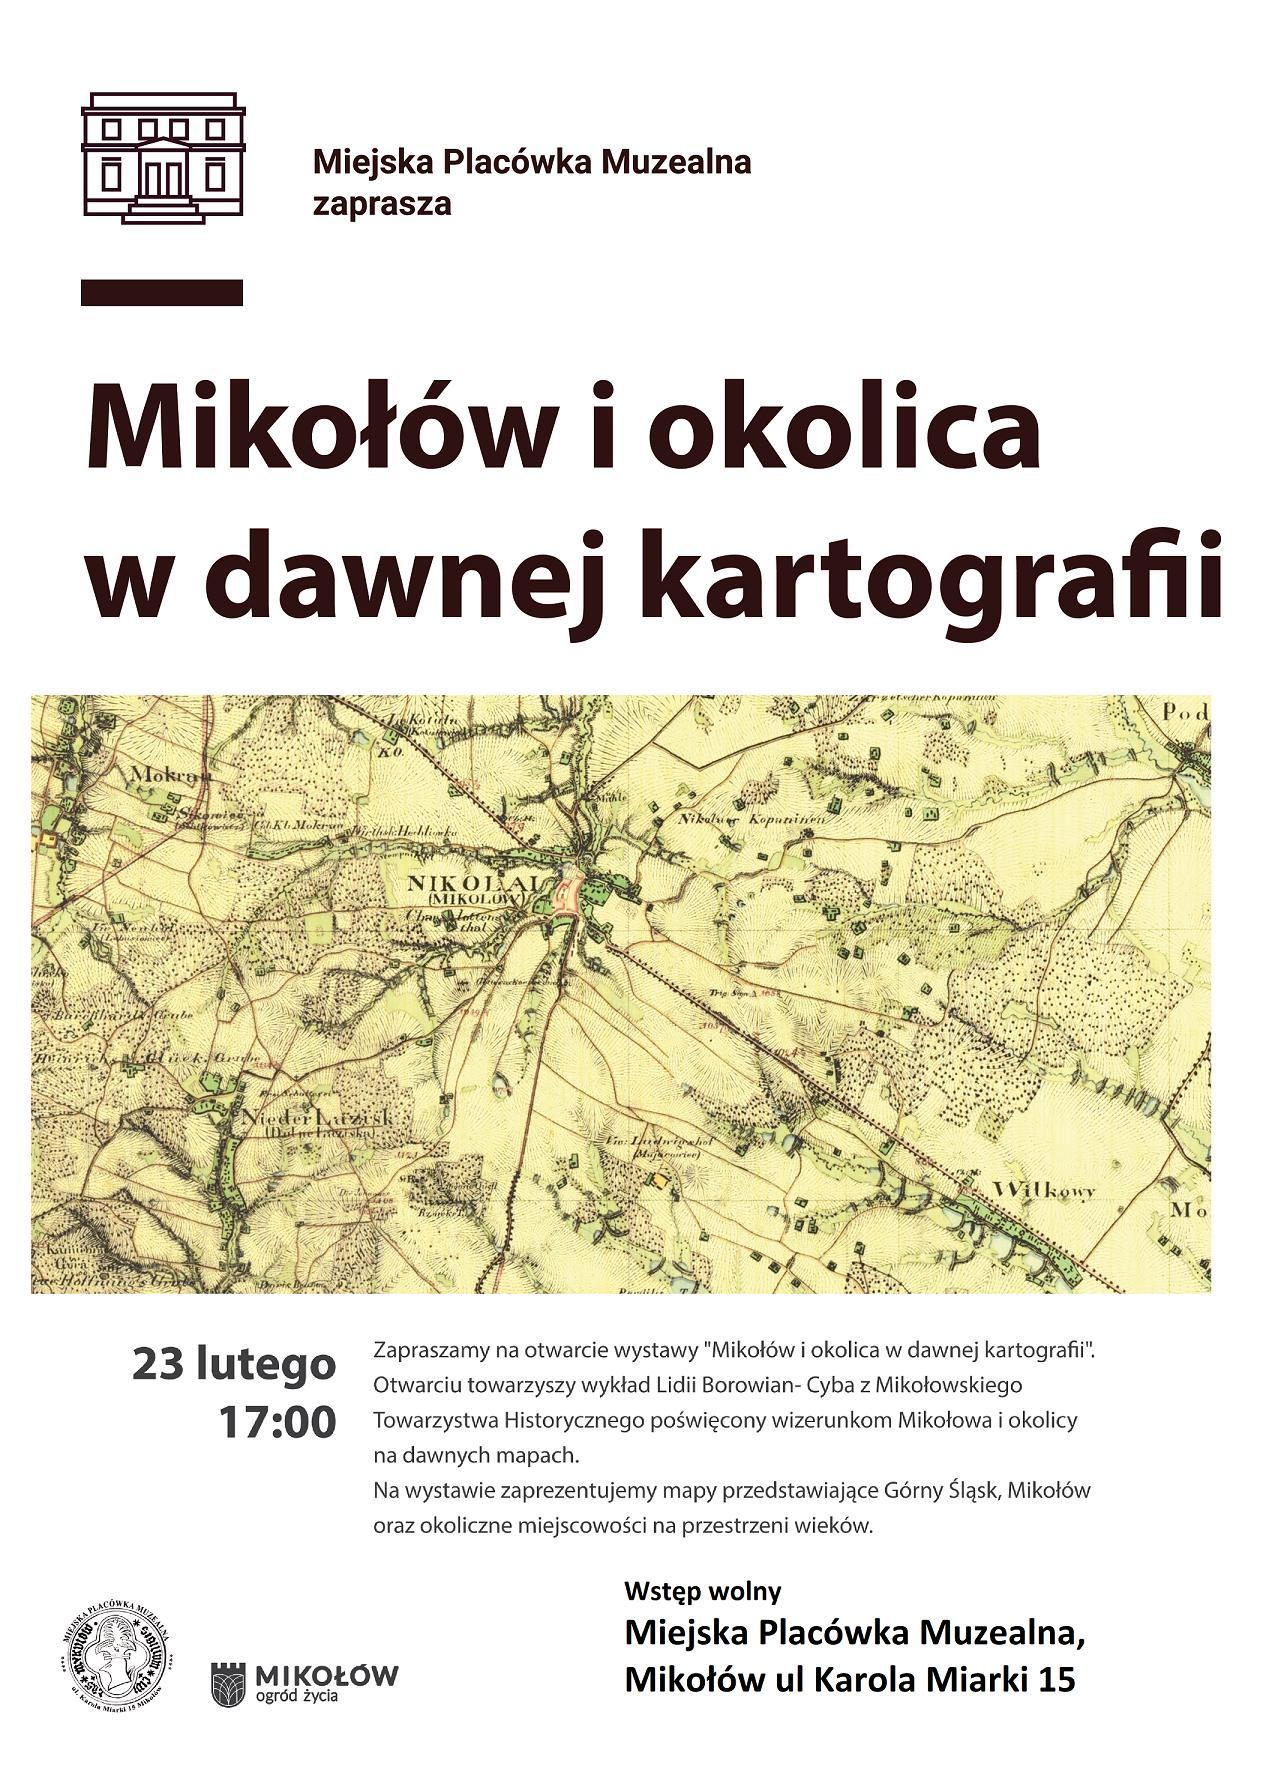 mikołow i okolica mpm